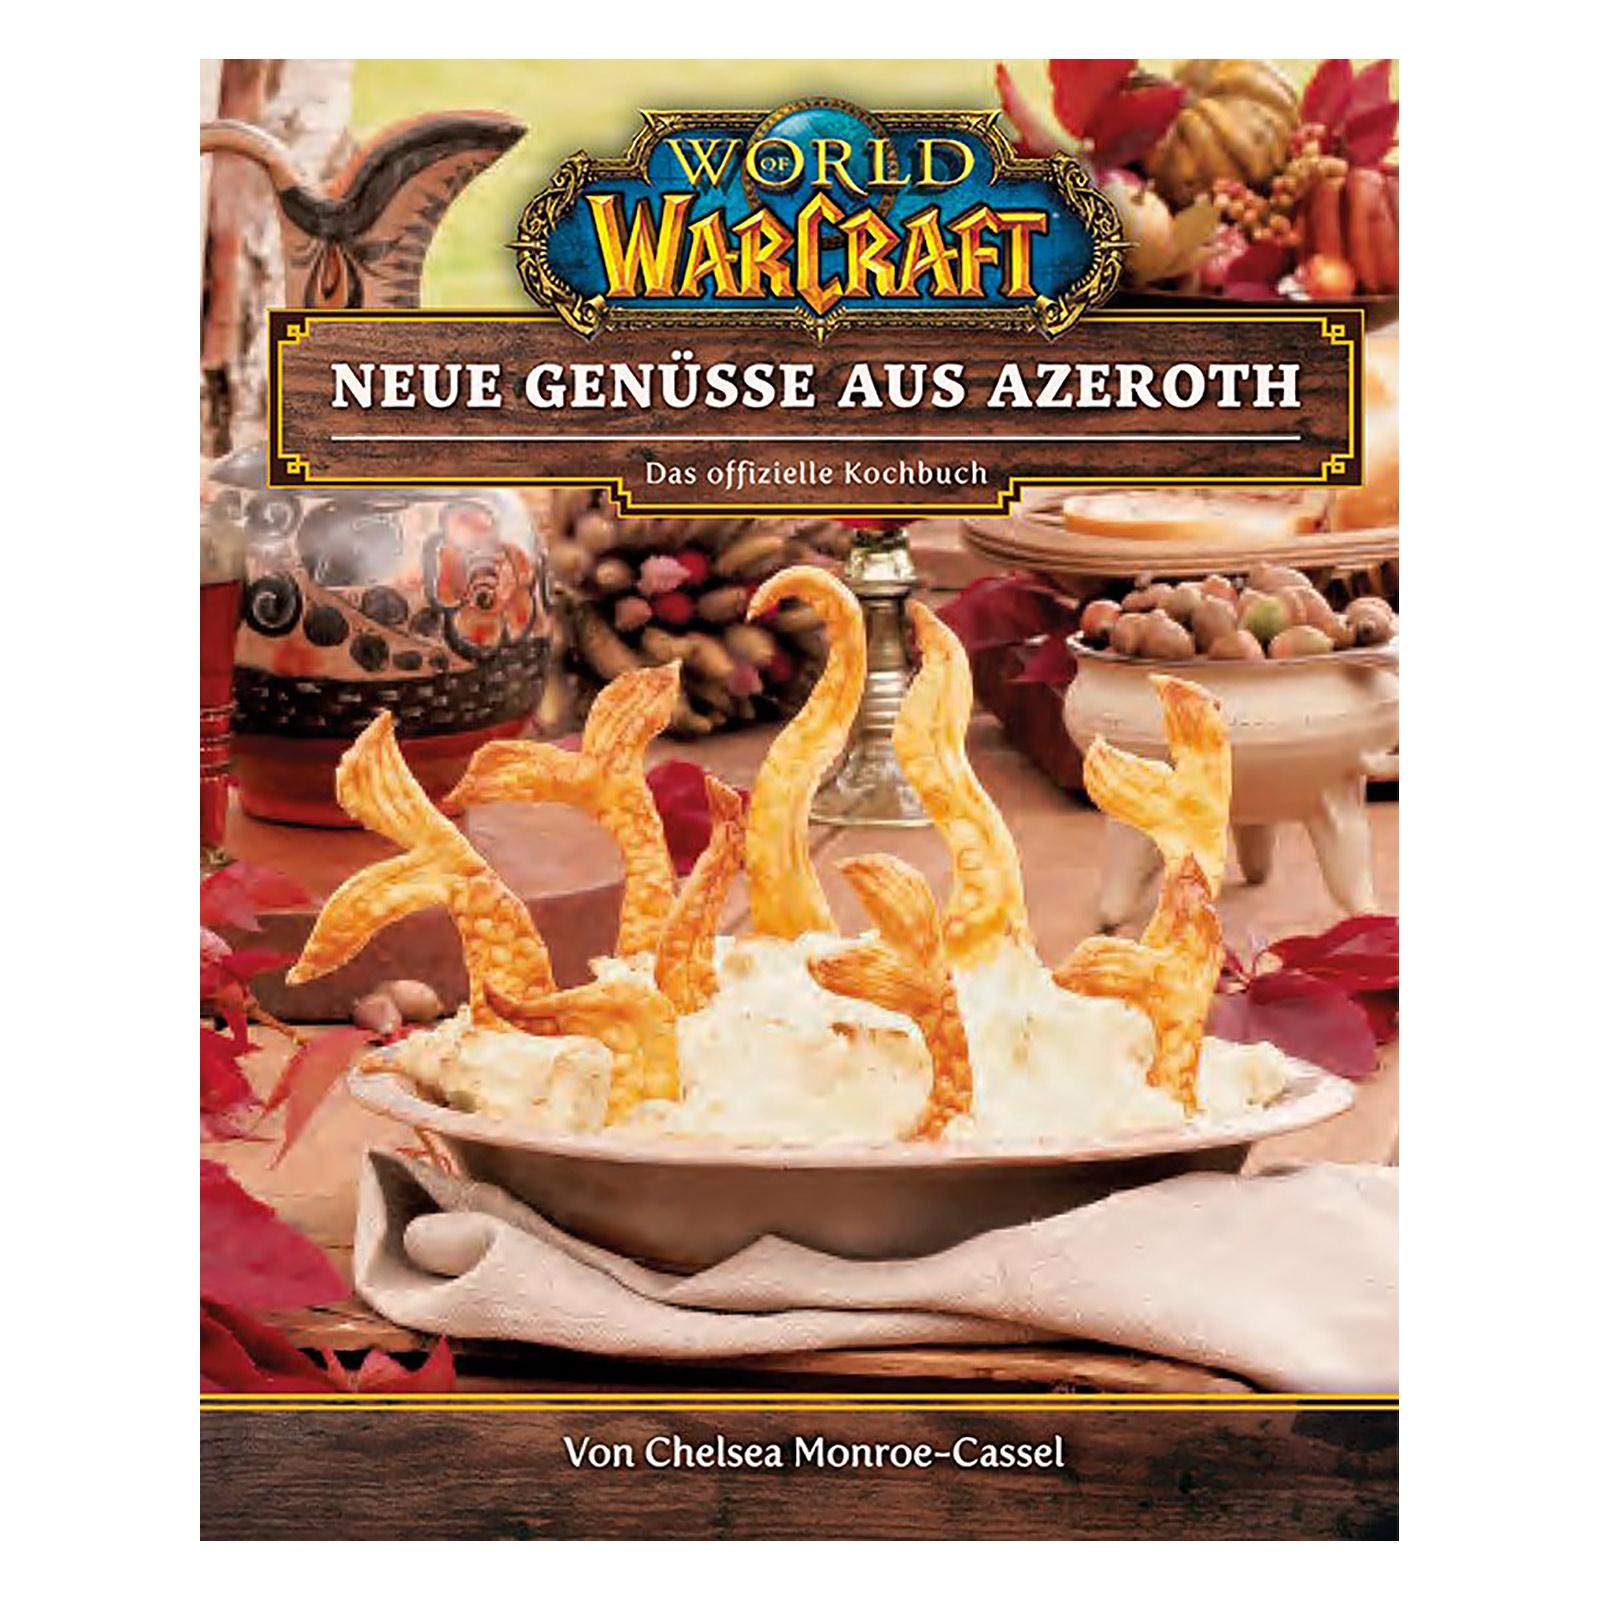 World of Warcraft - Neue Genüsse aus Azeroth Das offizielle Kochbuch